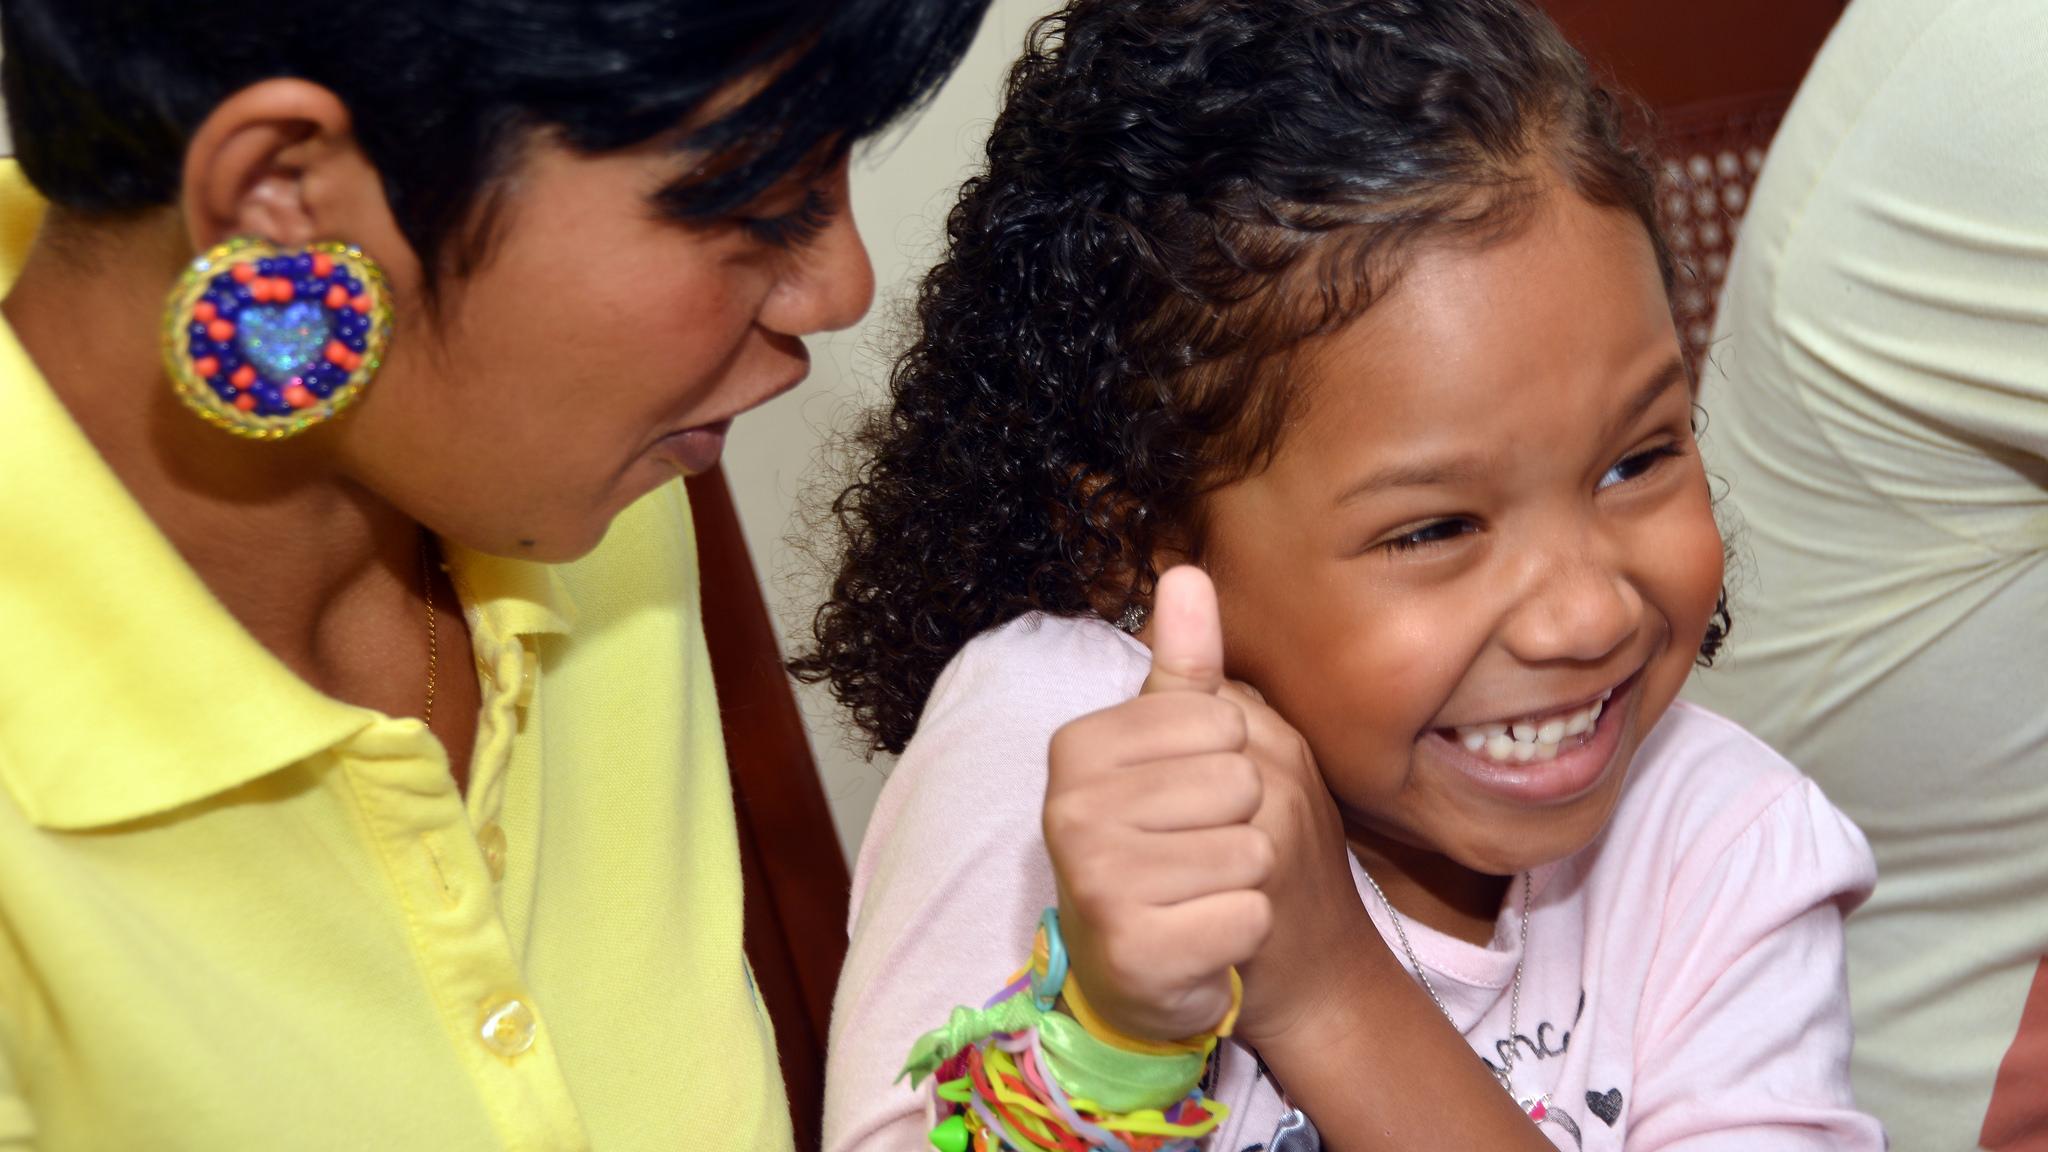 CAID recomienda chequeos médicos a niños con habilidades especiales